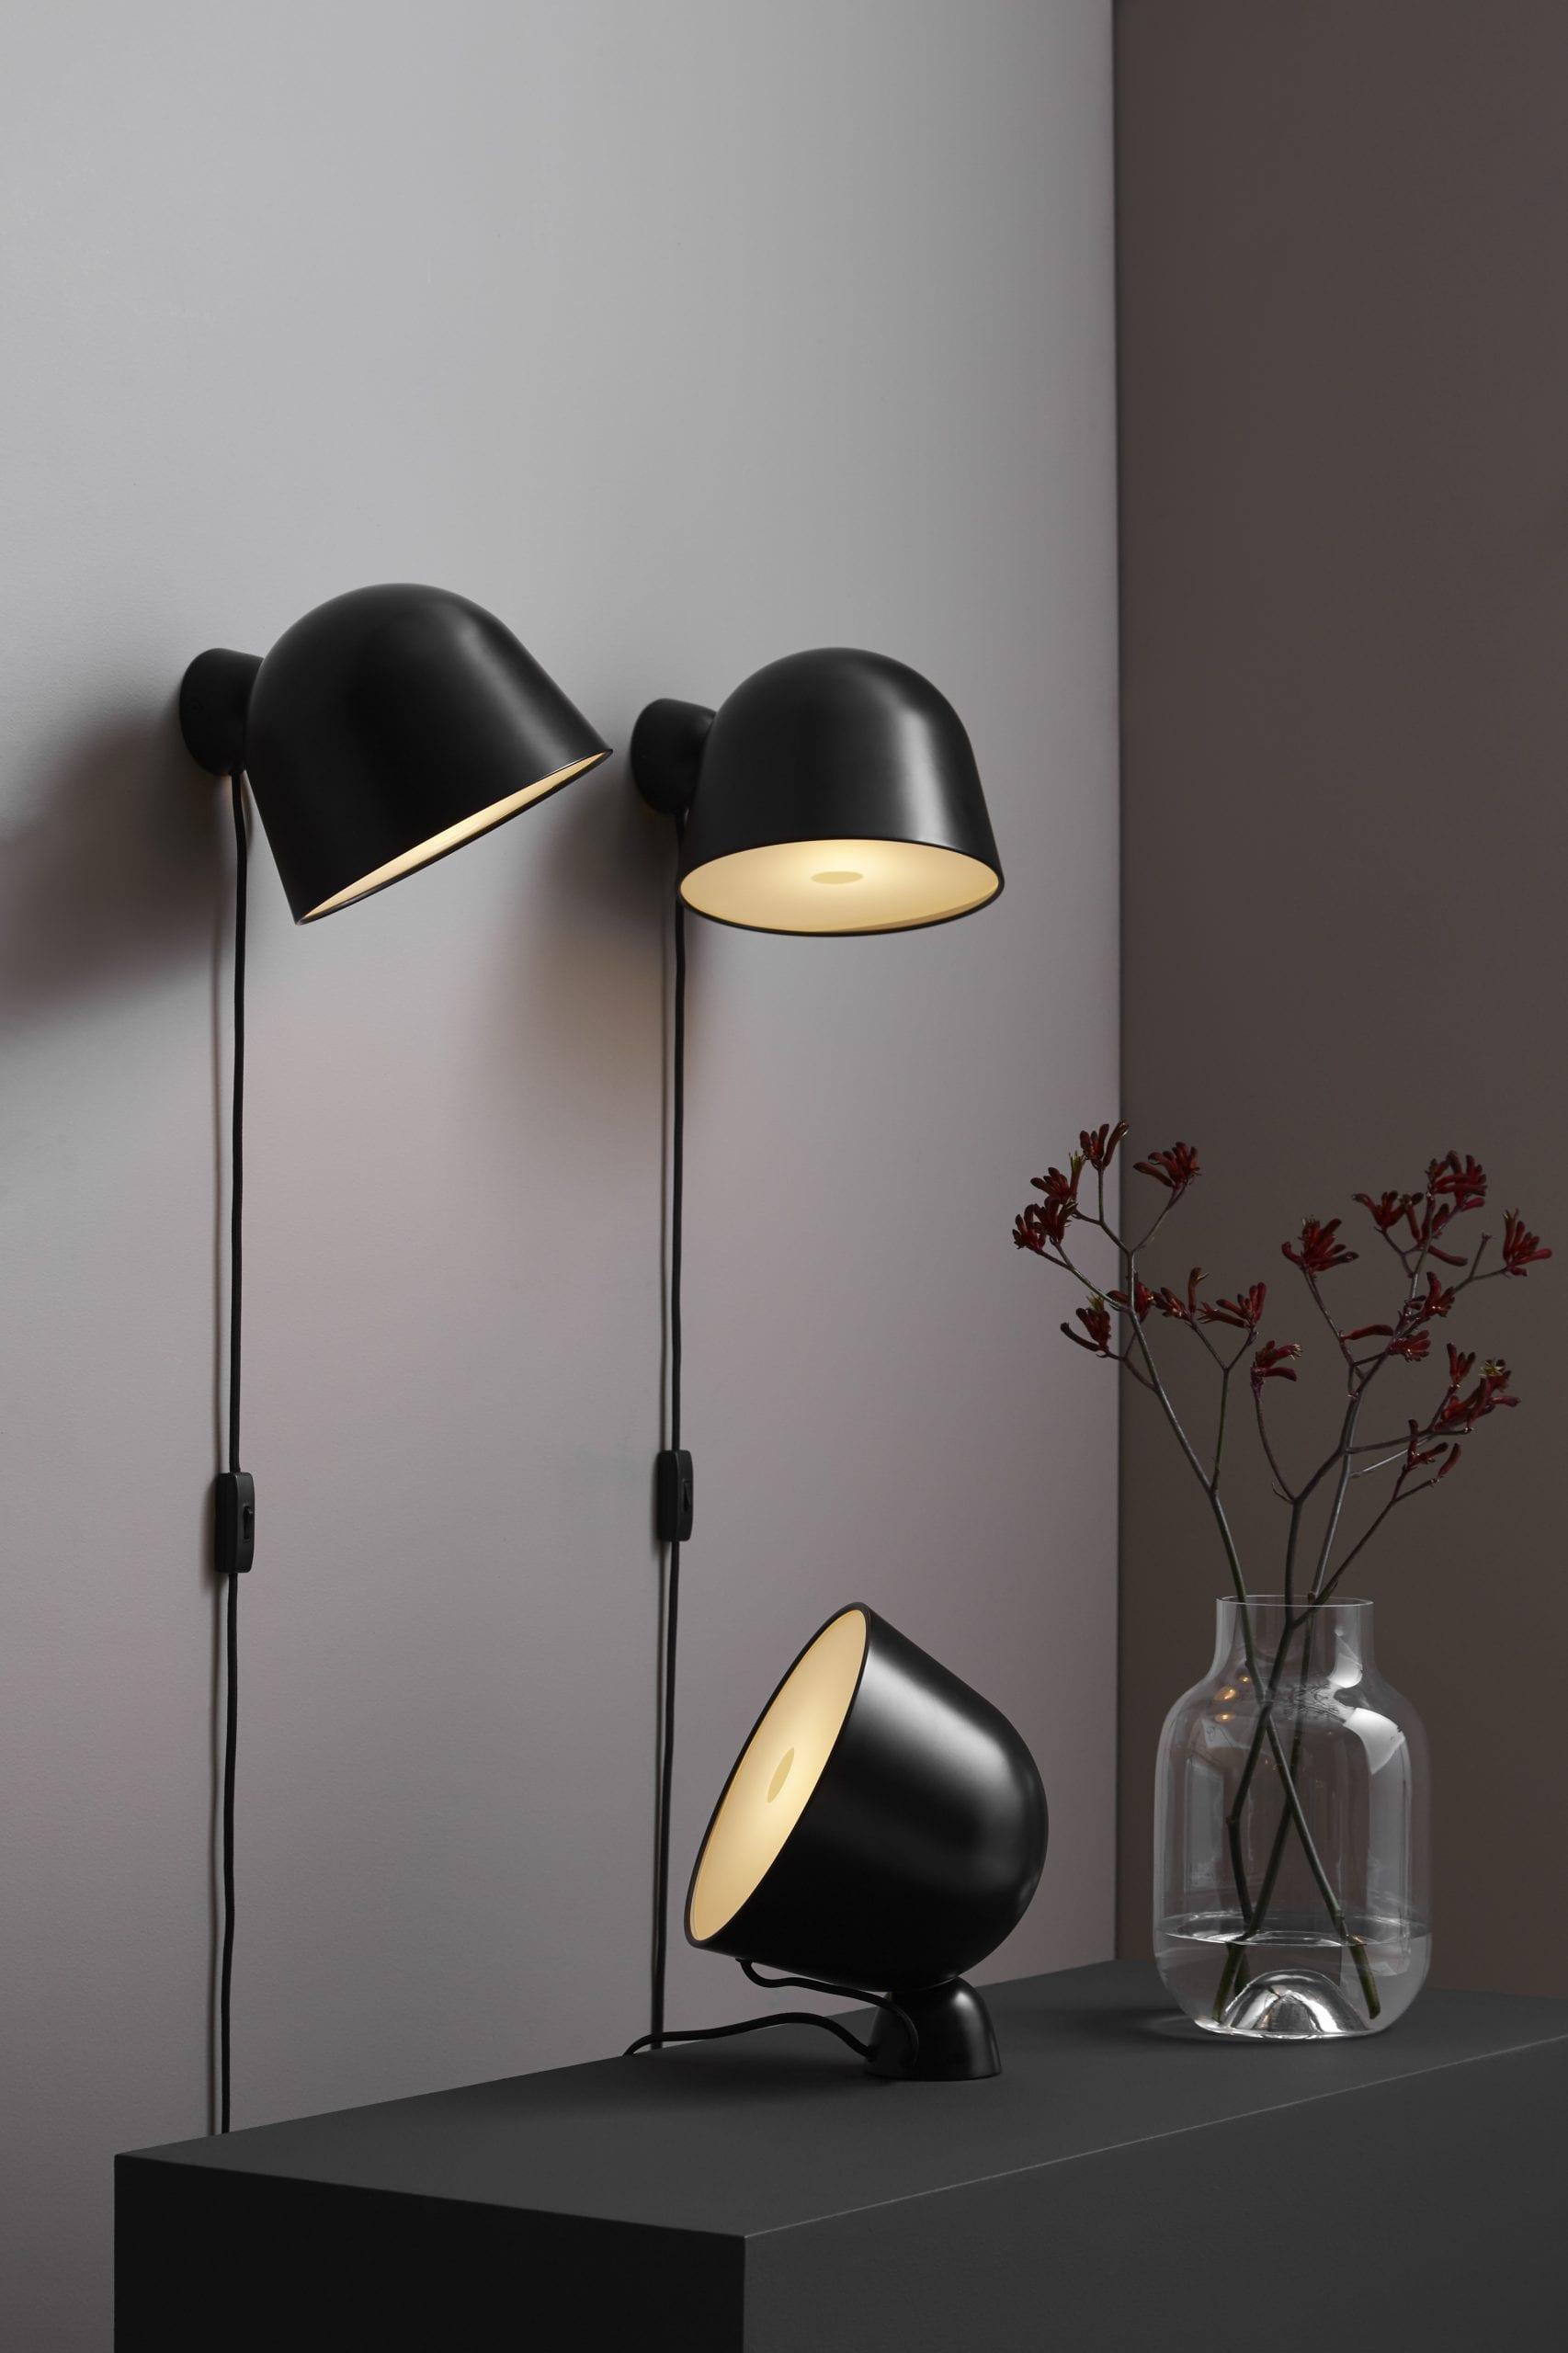 Kuppi wall lamp